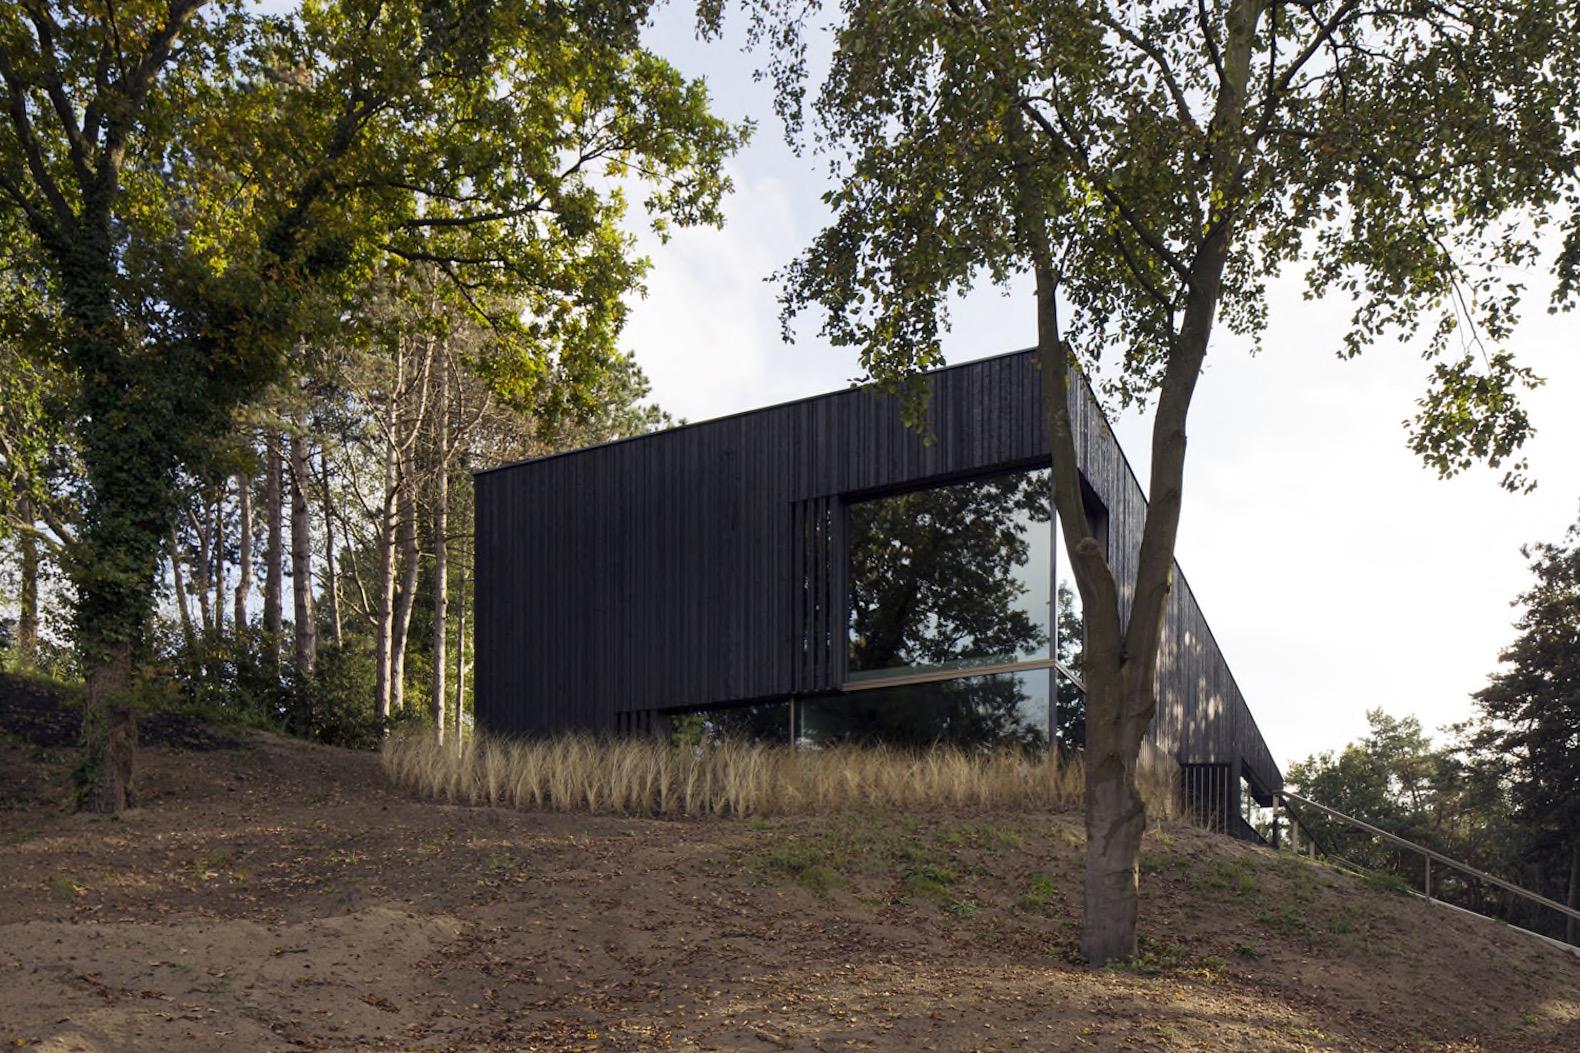 villa-meijendel-by-vvkh-architecten-6.jpg